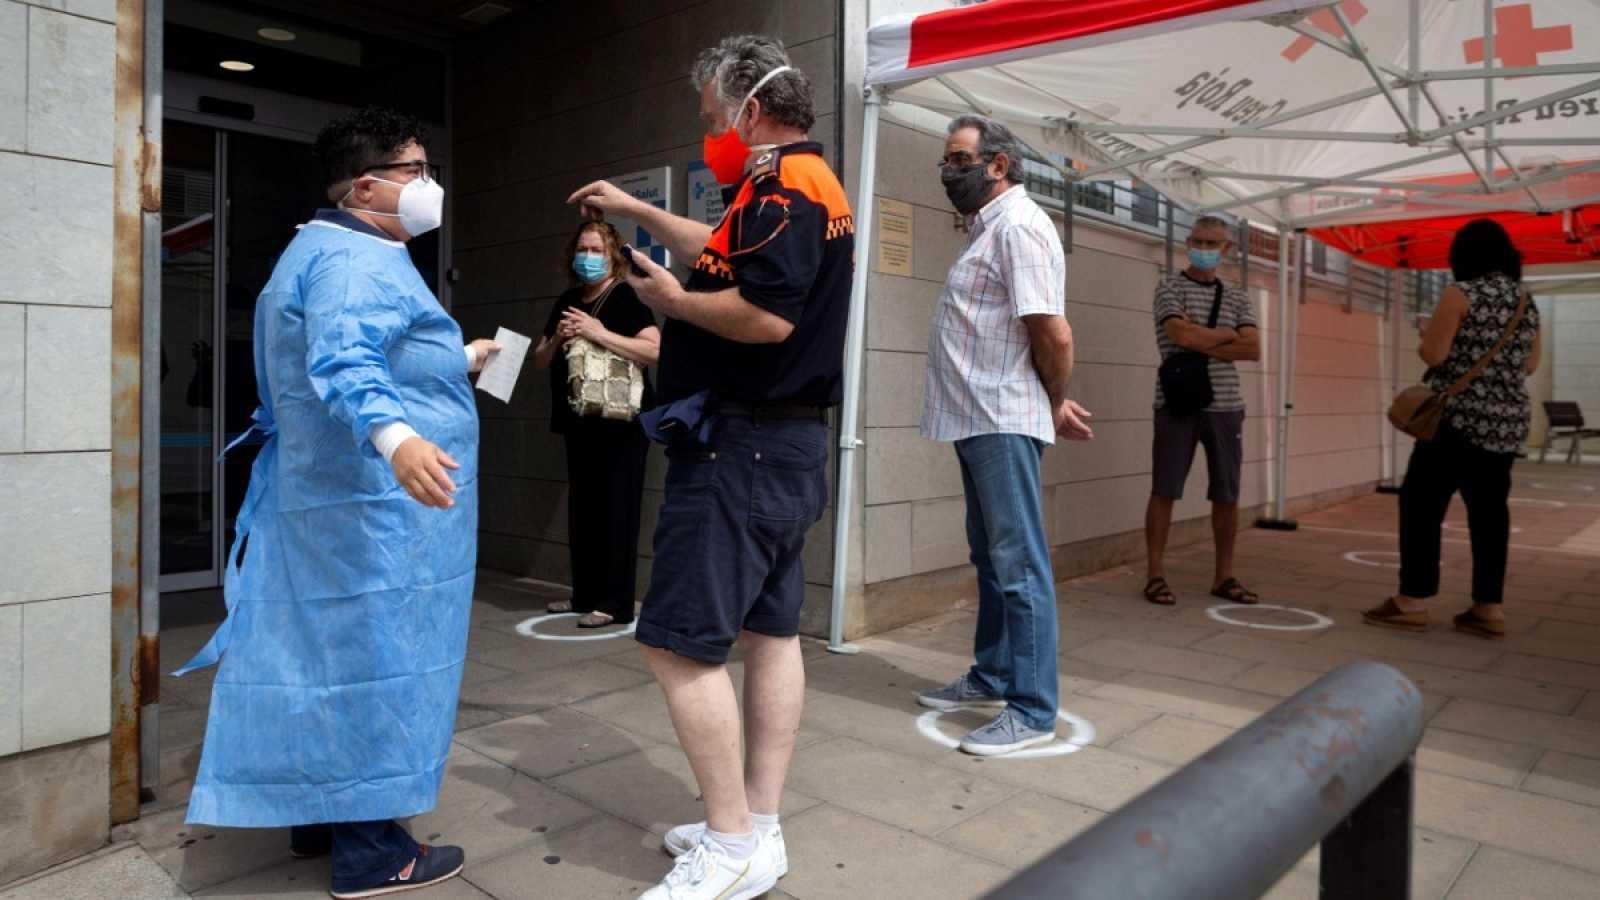 Un hombre habla con un sanitario a las puertas de un centro médico en Santa Coloma de Gramanet, Barcelona.